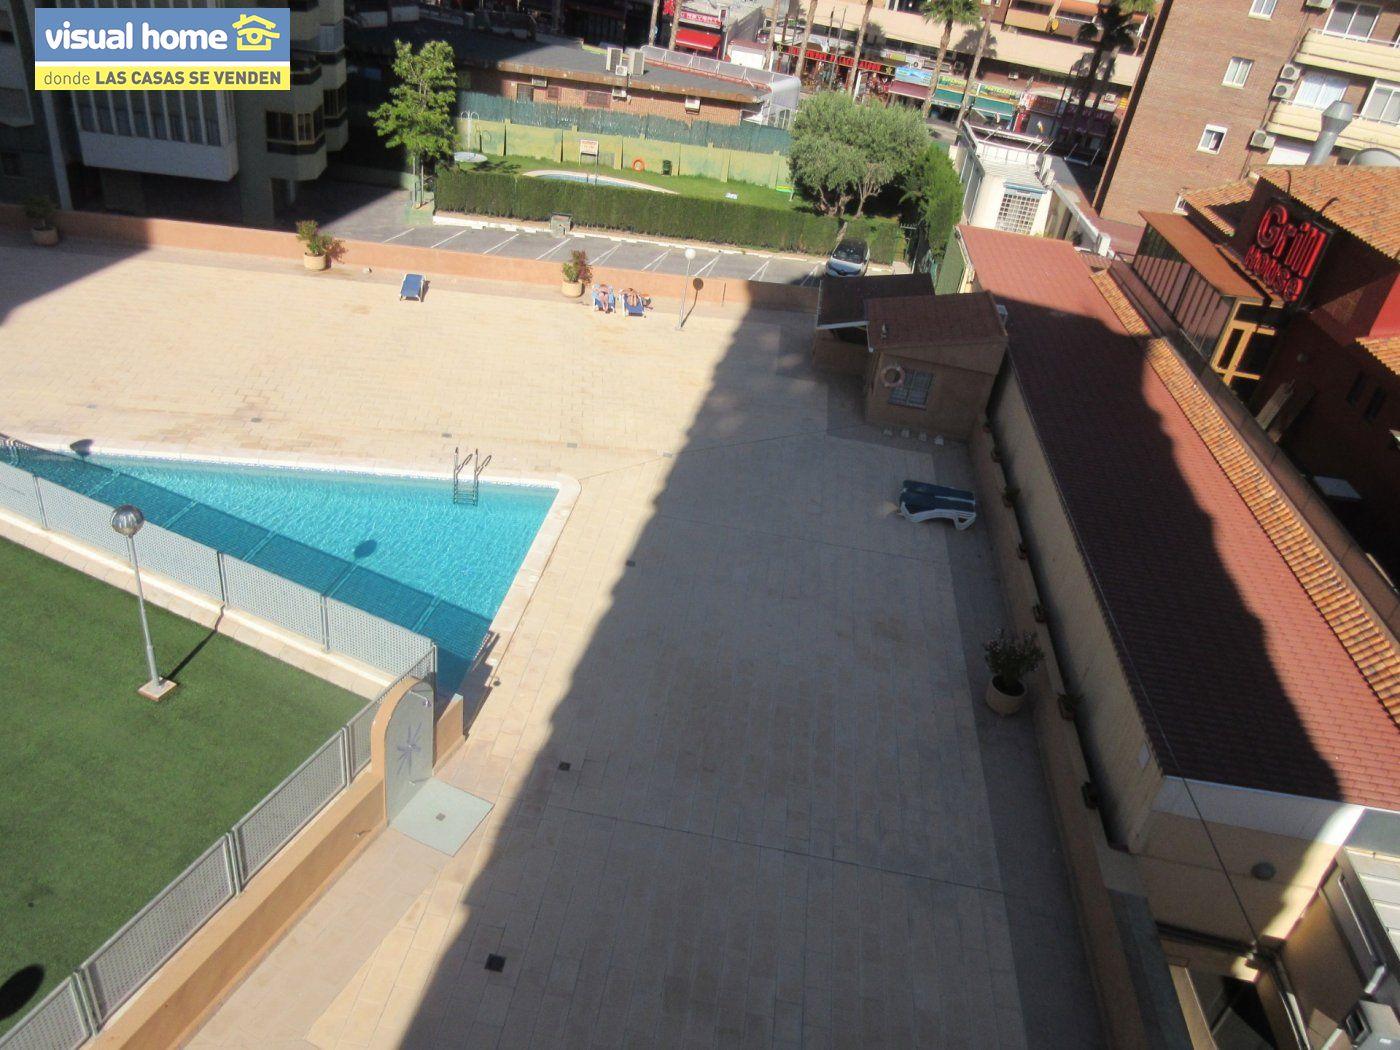 Apartamento todo exterior en Av/ Mediterráneo con garaje y piscina a 50 mts de la playa 34